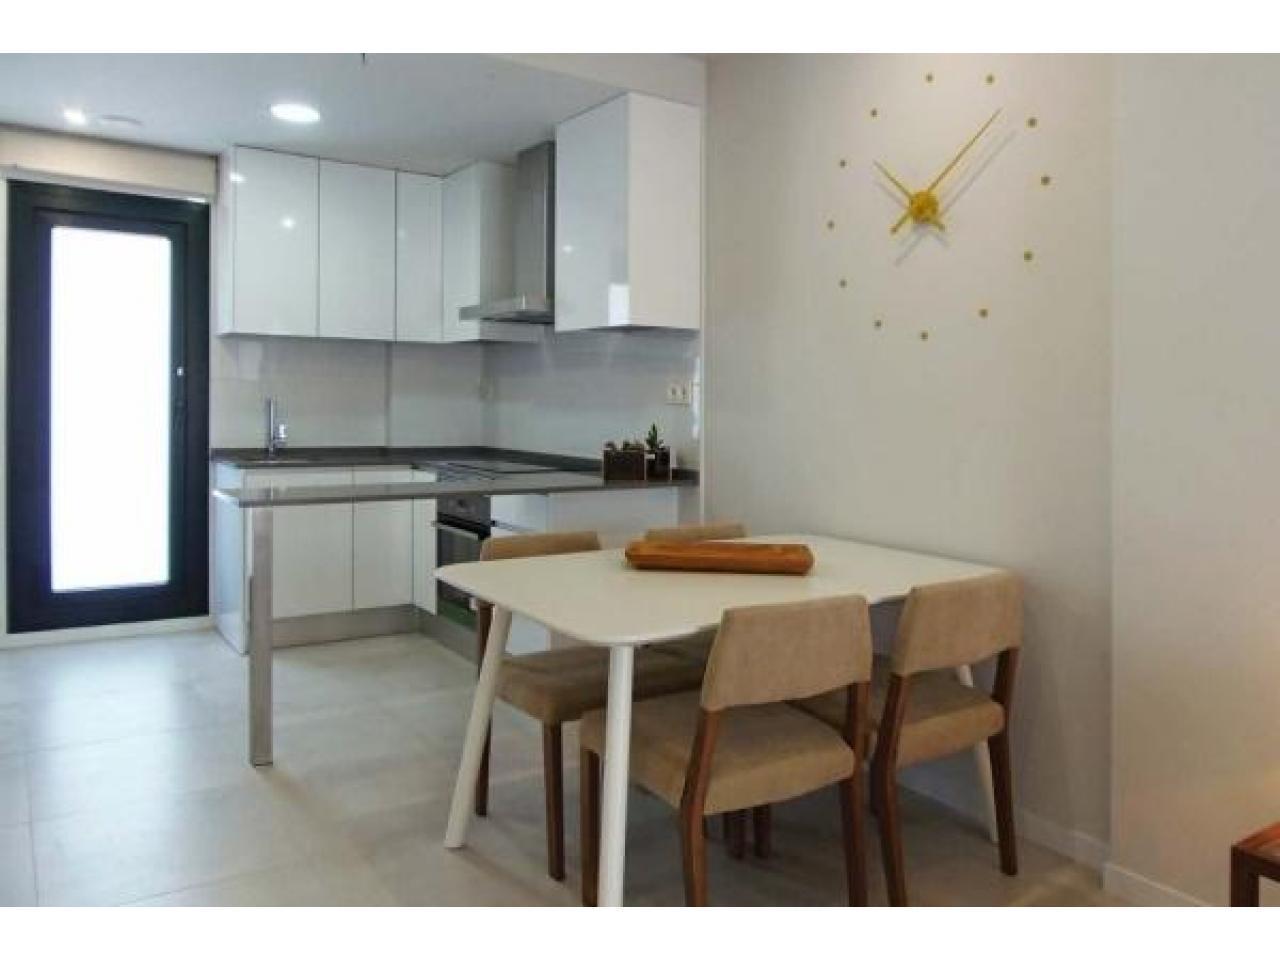 Недвижимость в Испании, Новые бунгало рядом с пляжем от застройщика в Миль Пальмерас - 5